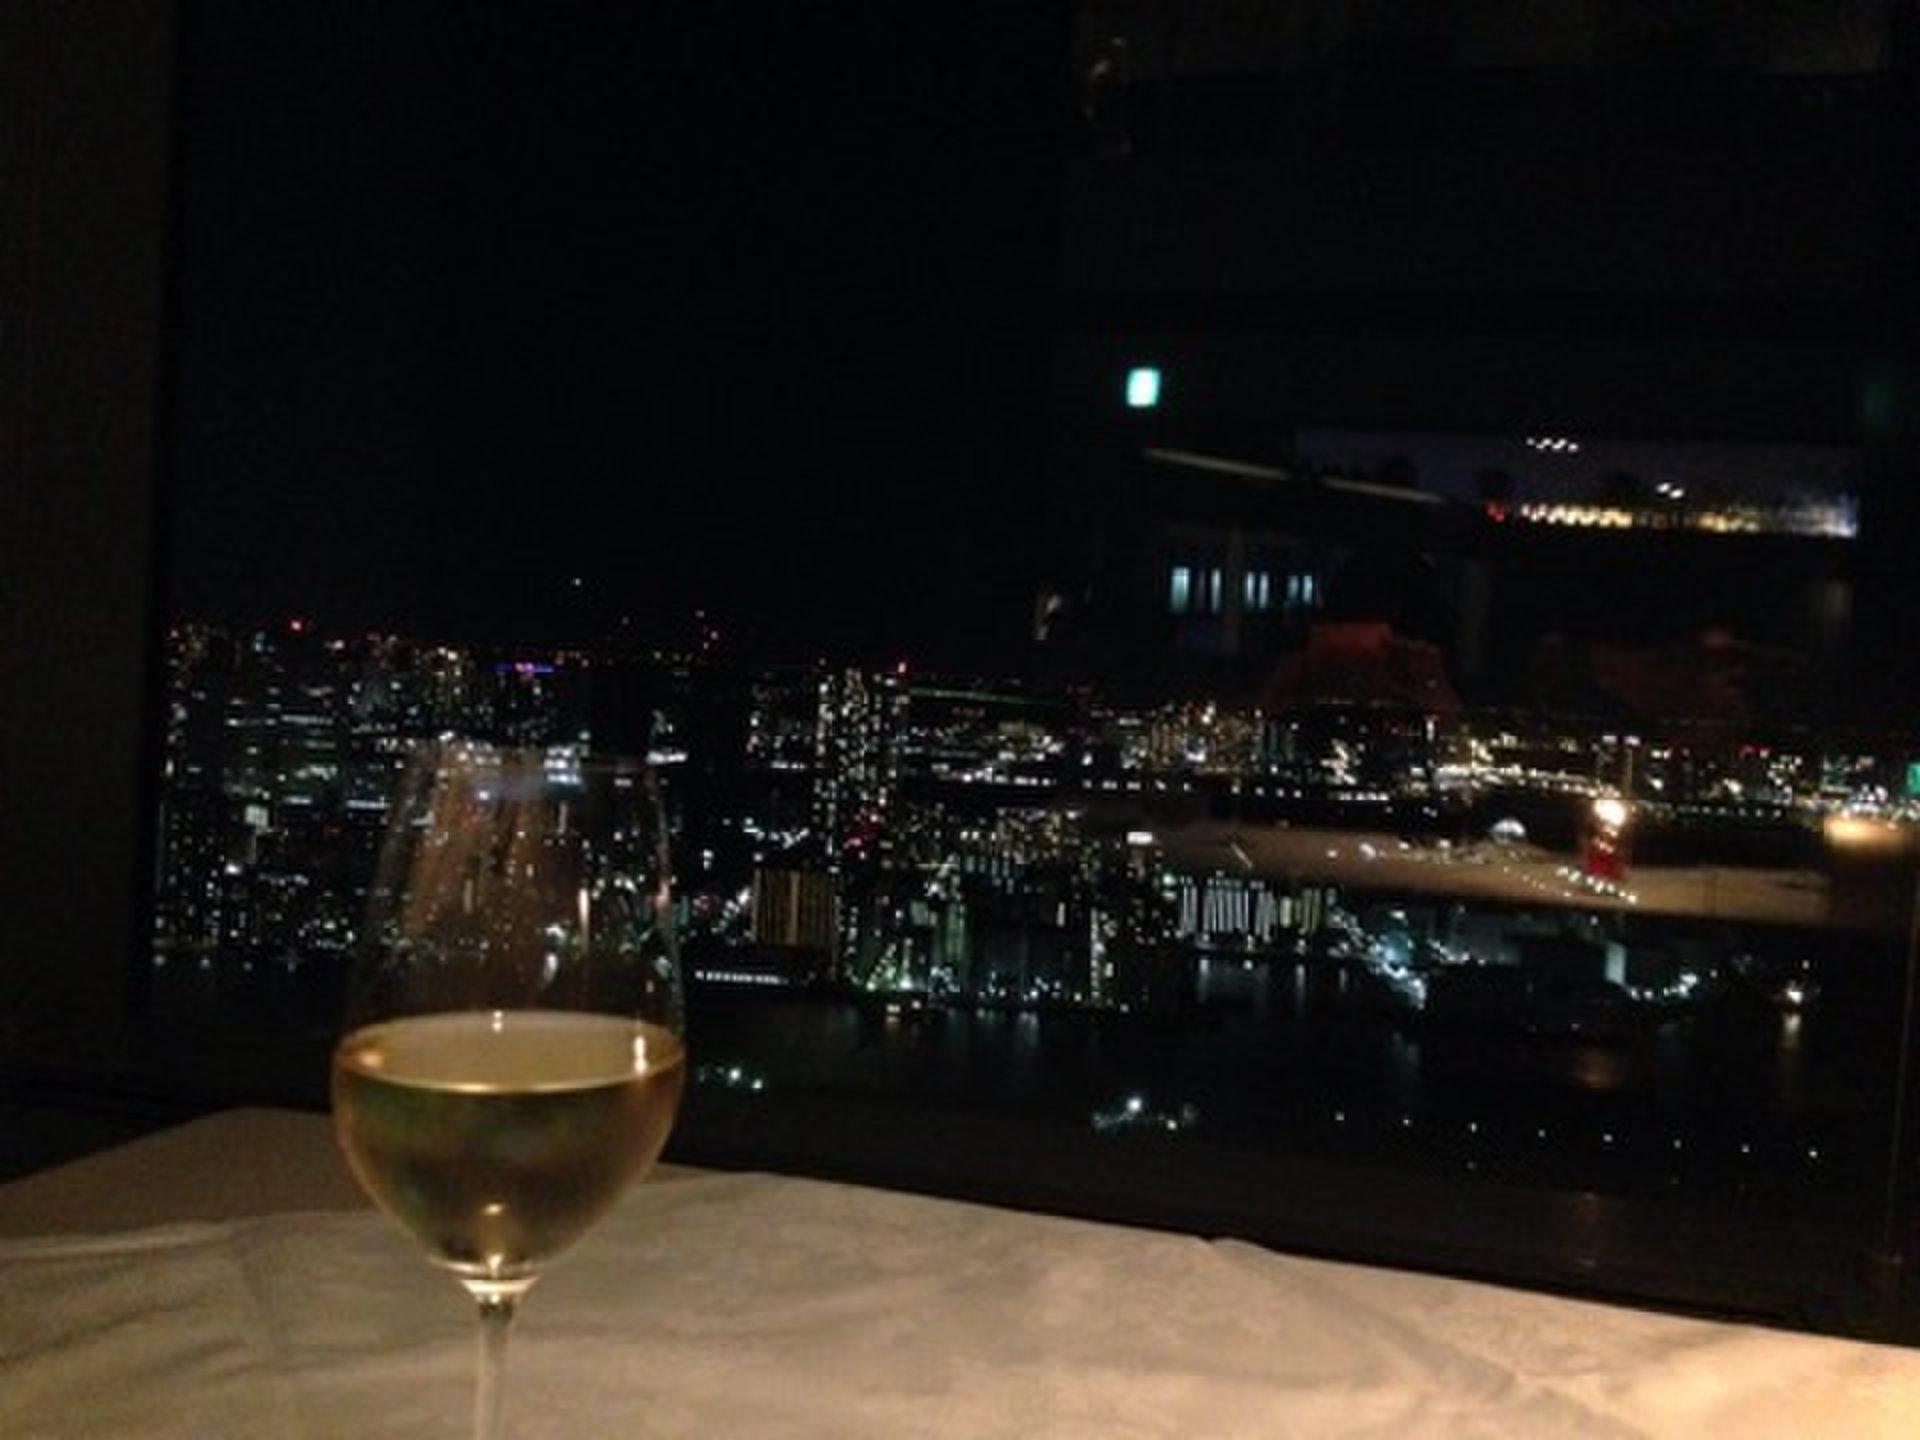 都内一夜景が美しいフレンチレストラン!カレッタ汐留のソラシオで絶景夜景デート♥